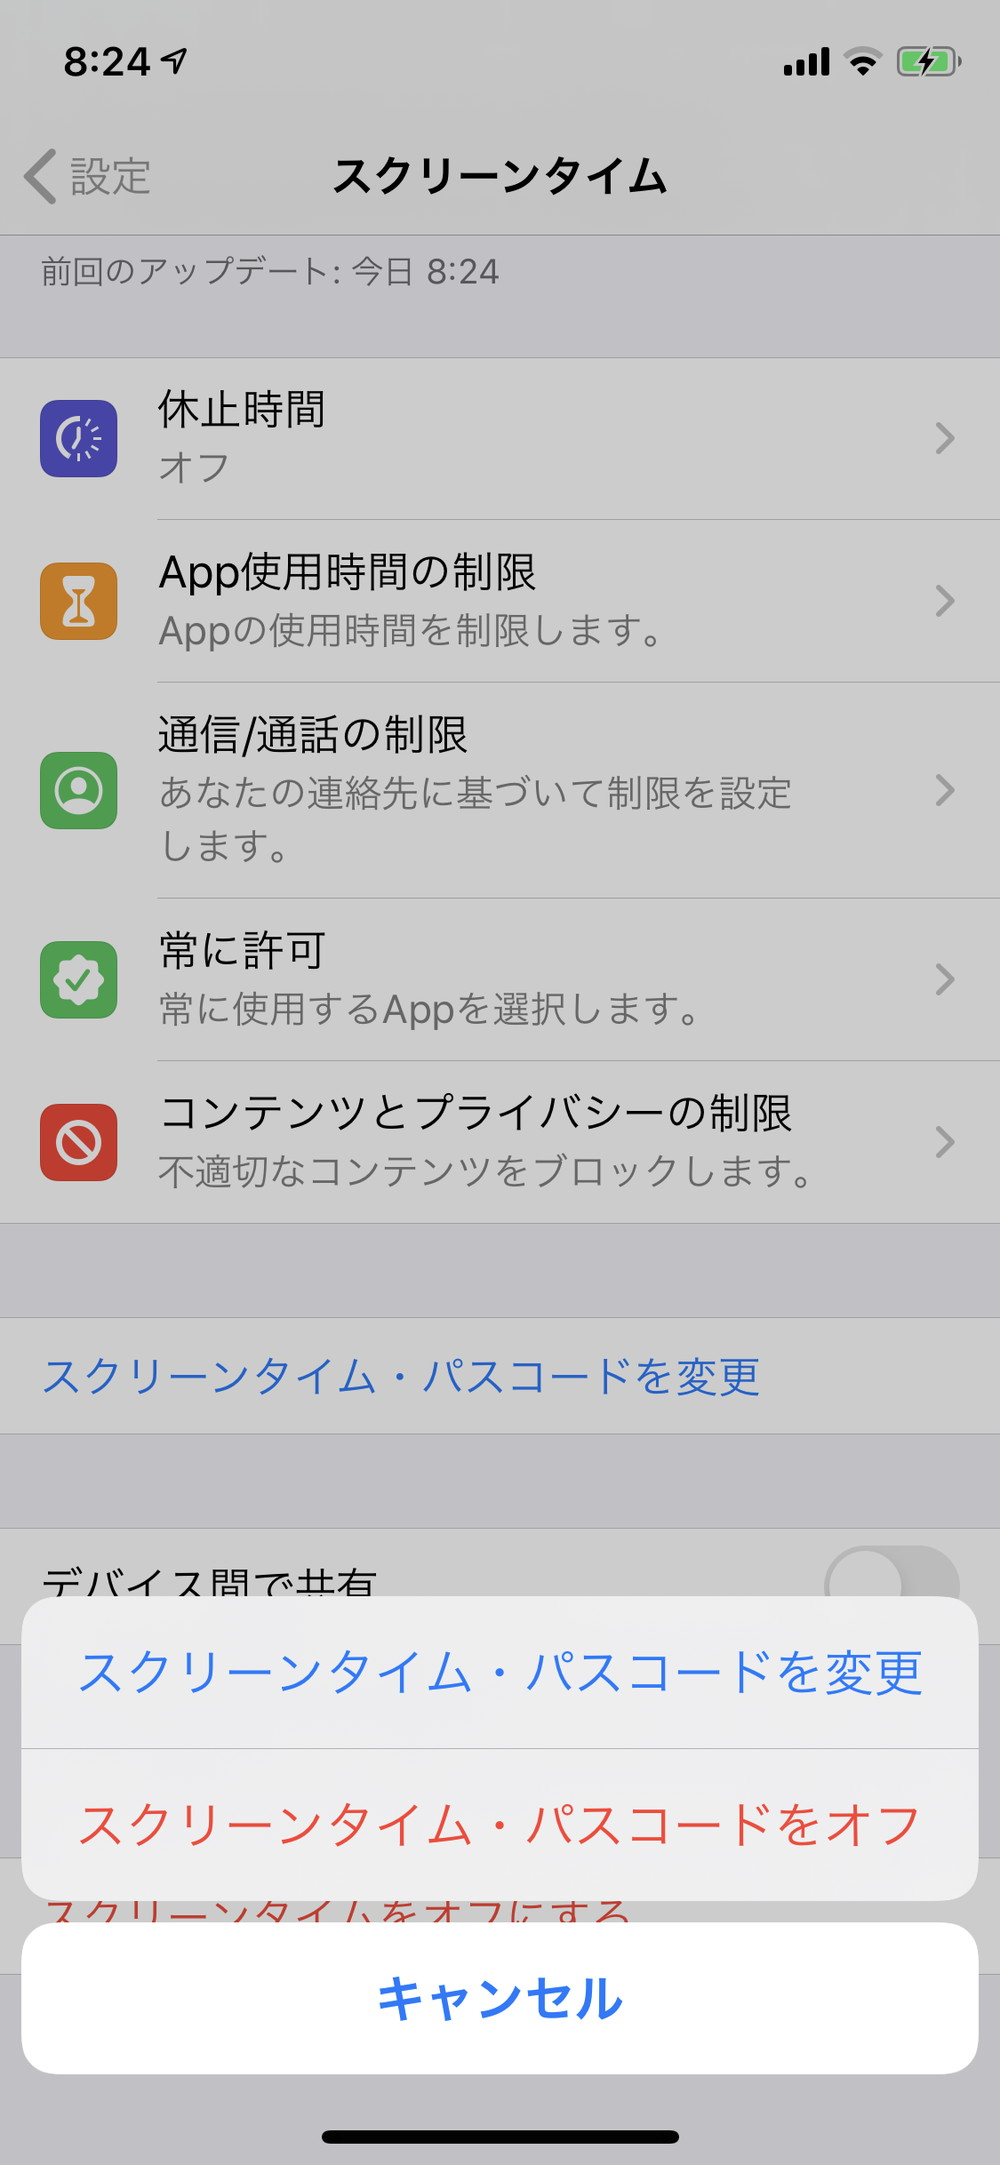 「スクリーンタイム・パスコードを変更」をクリック